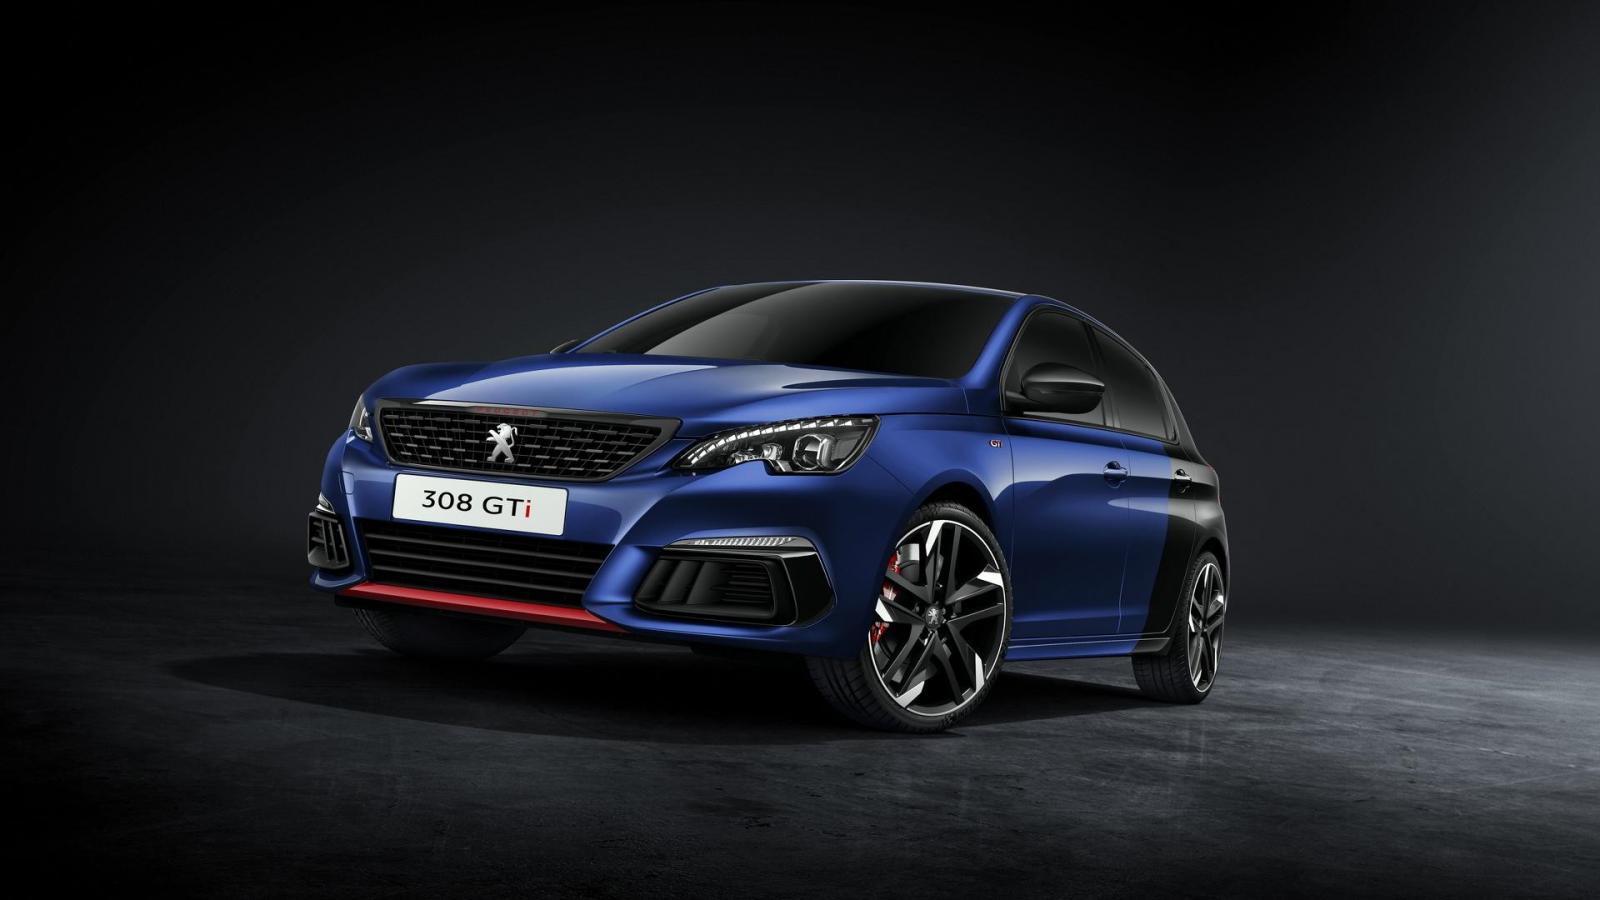 Официально представлен улучшенный Peugeot (Пежо) 308